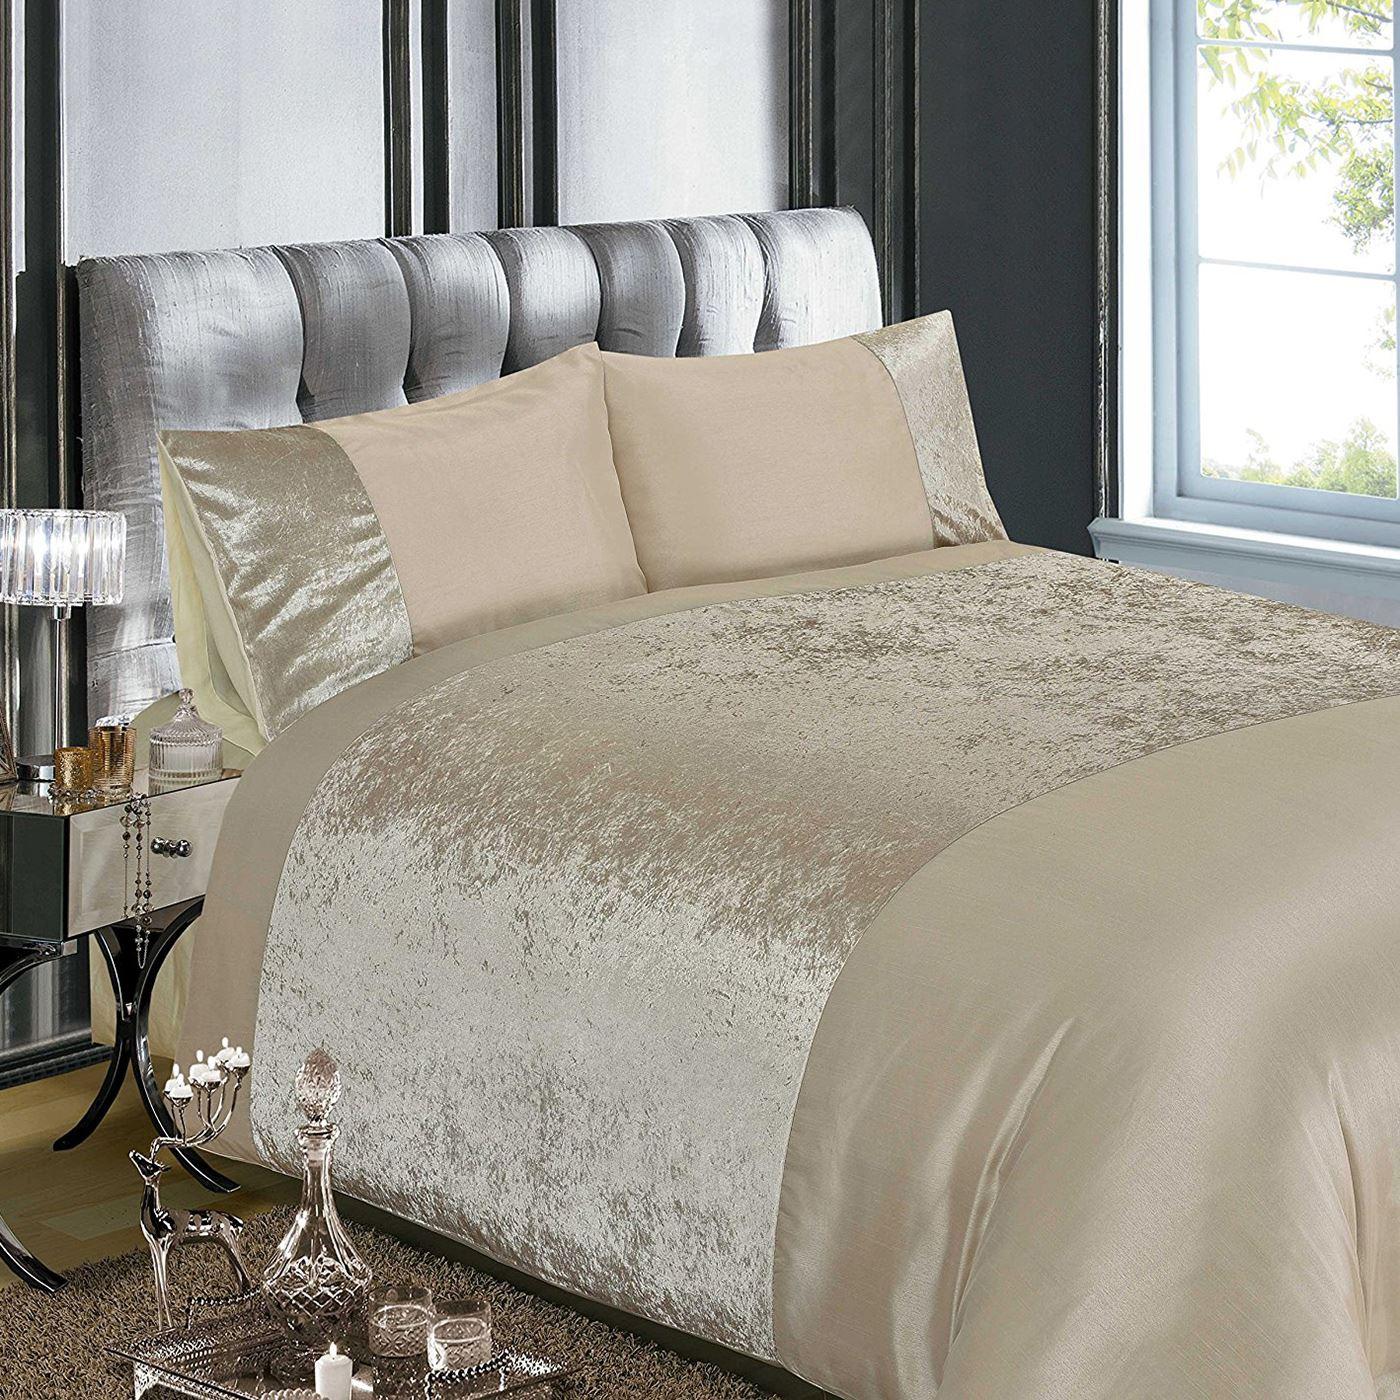 luxury embellished duvet cover sets diamante velvet shimmer double king size ebay. Black Bedroom Furniture Sets. Home Design Ideas